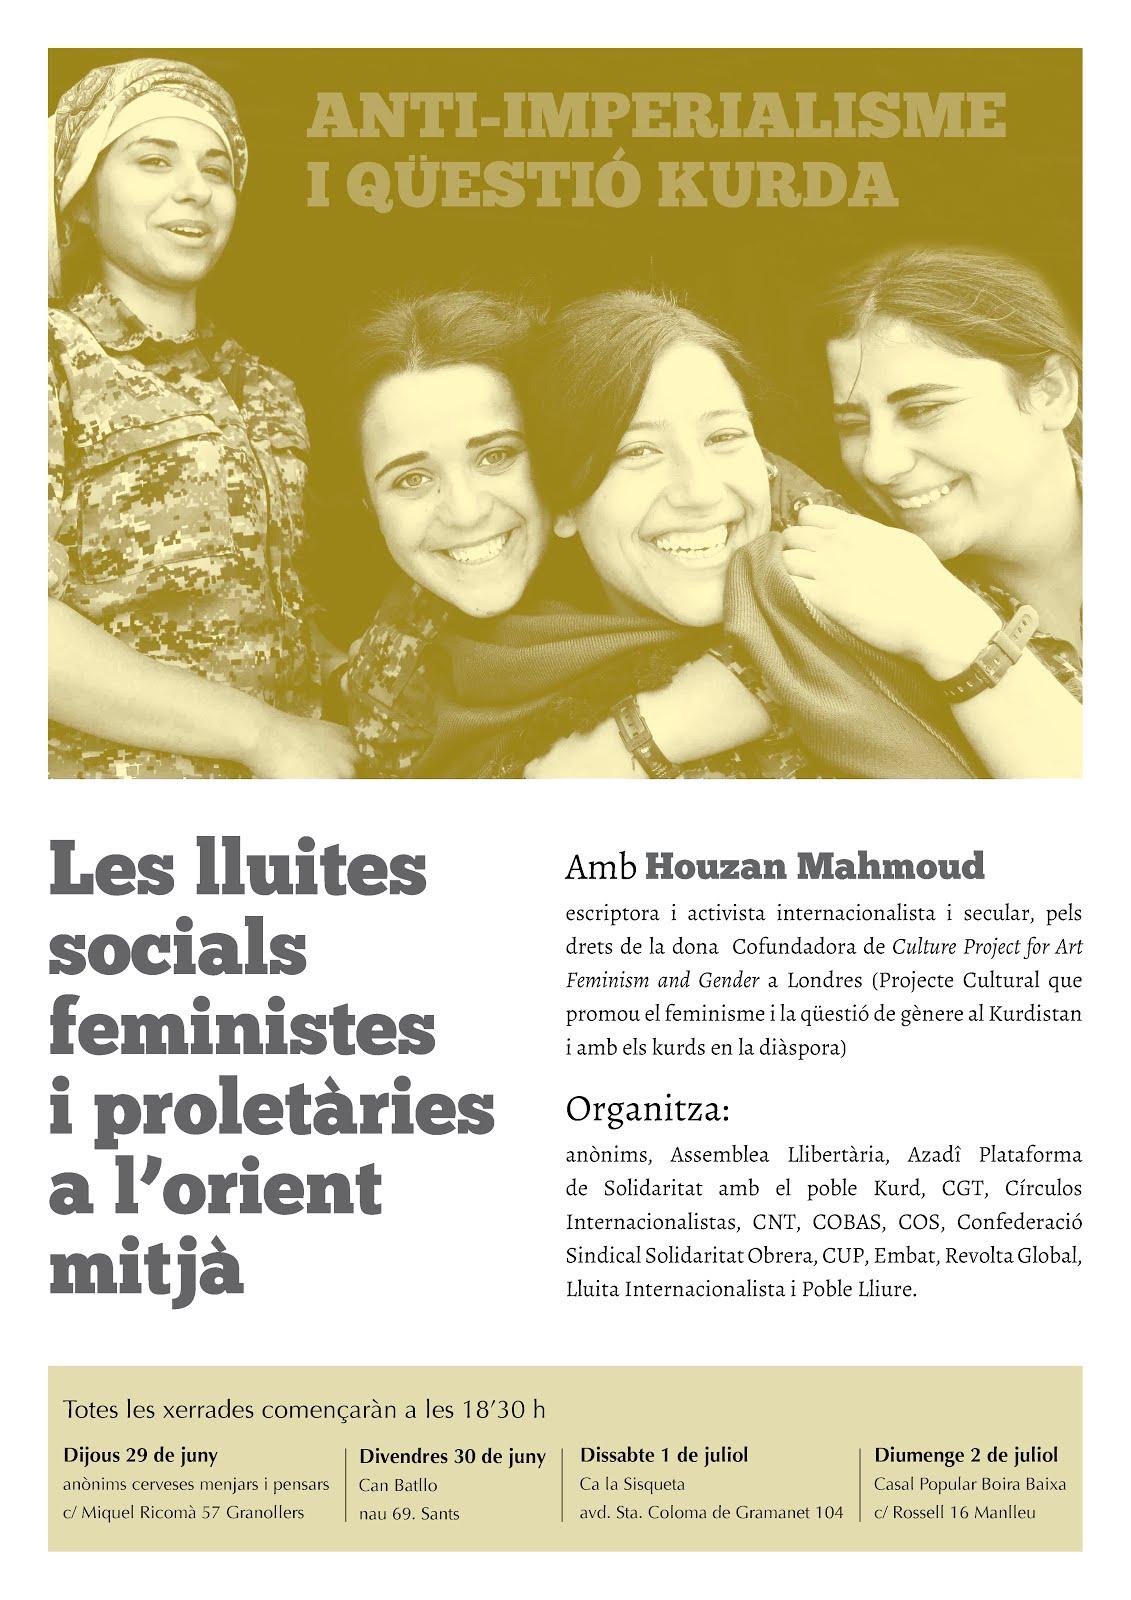 Anti-imperialisme i qüestió Kurda. Les lluites socials feministes i proletàries a l'orient mitjà.